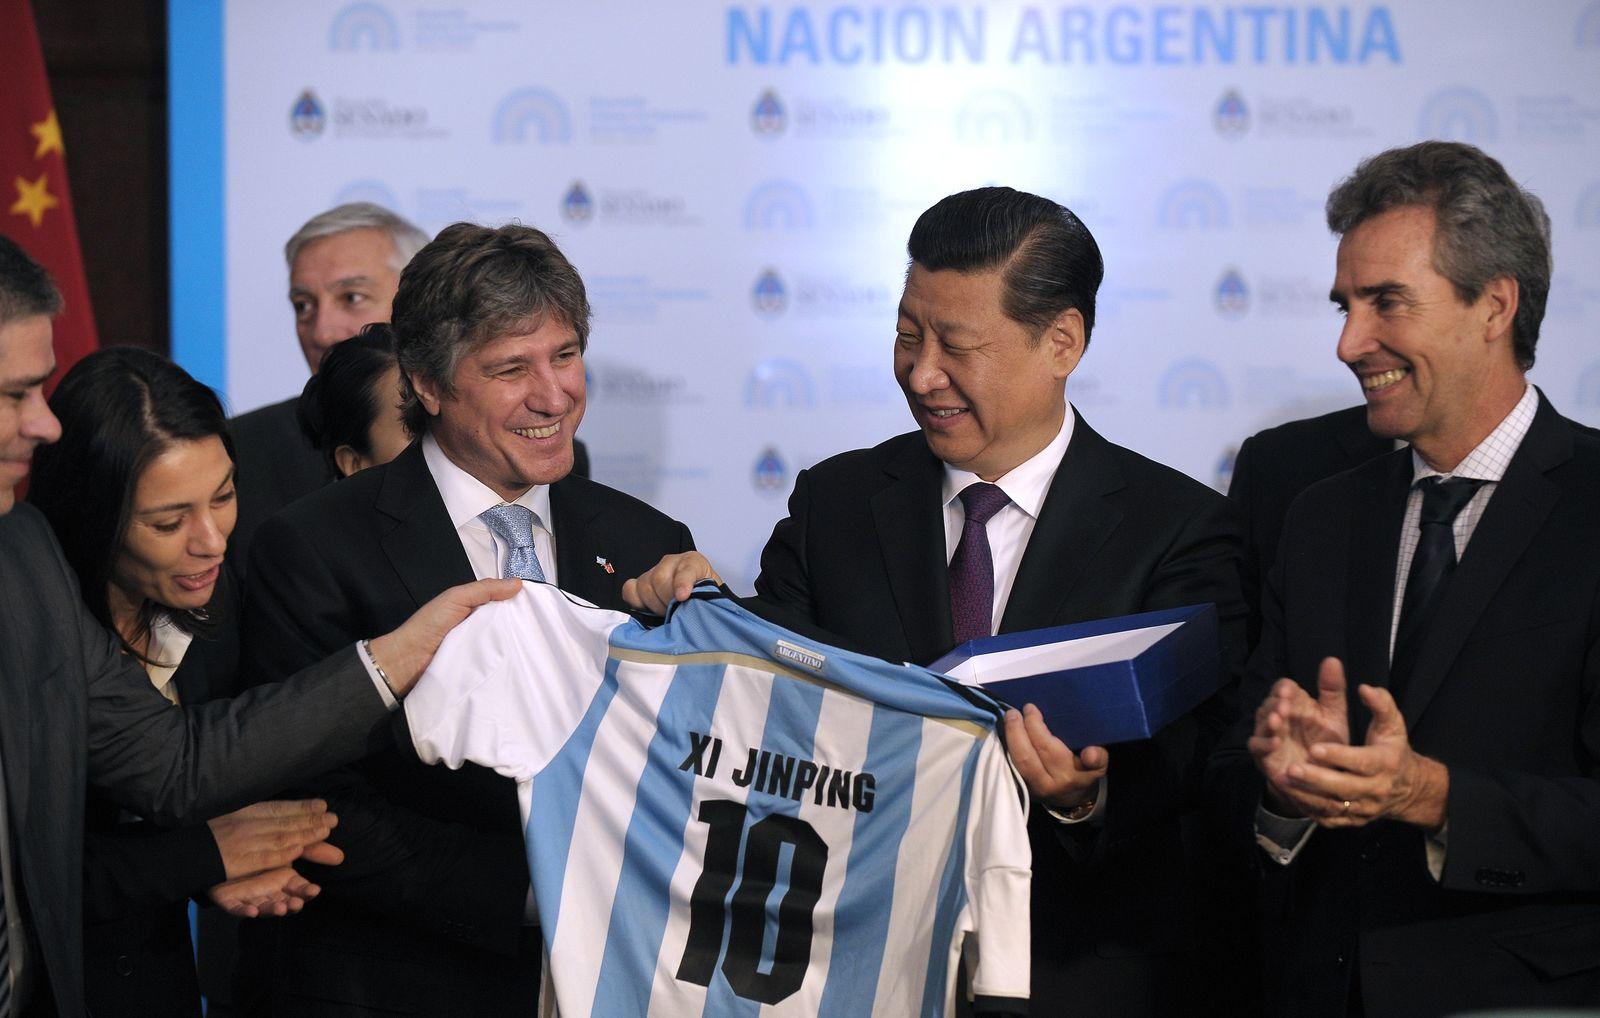 Xi Jinping/ Amado Boudou/ Fussball